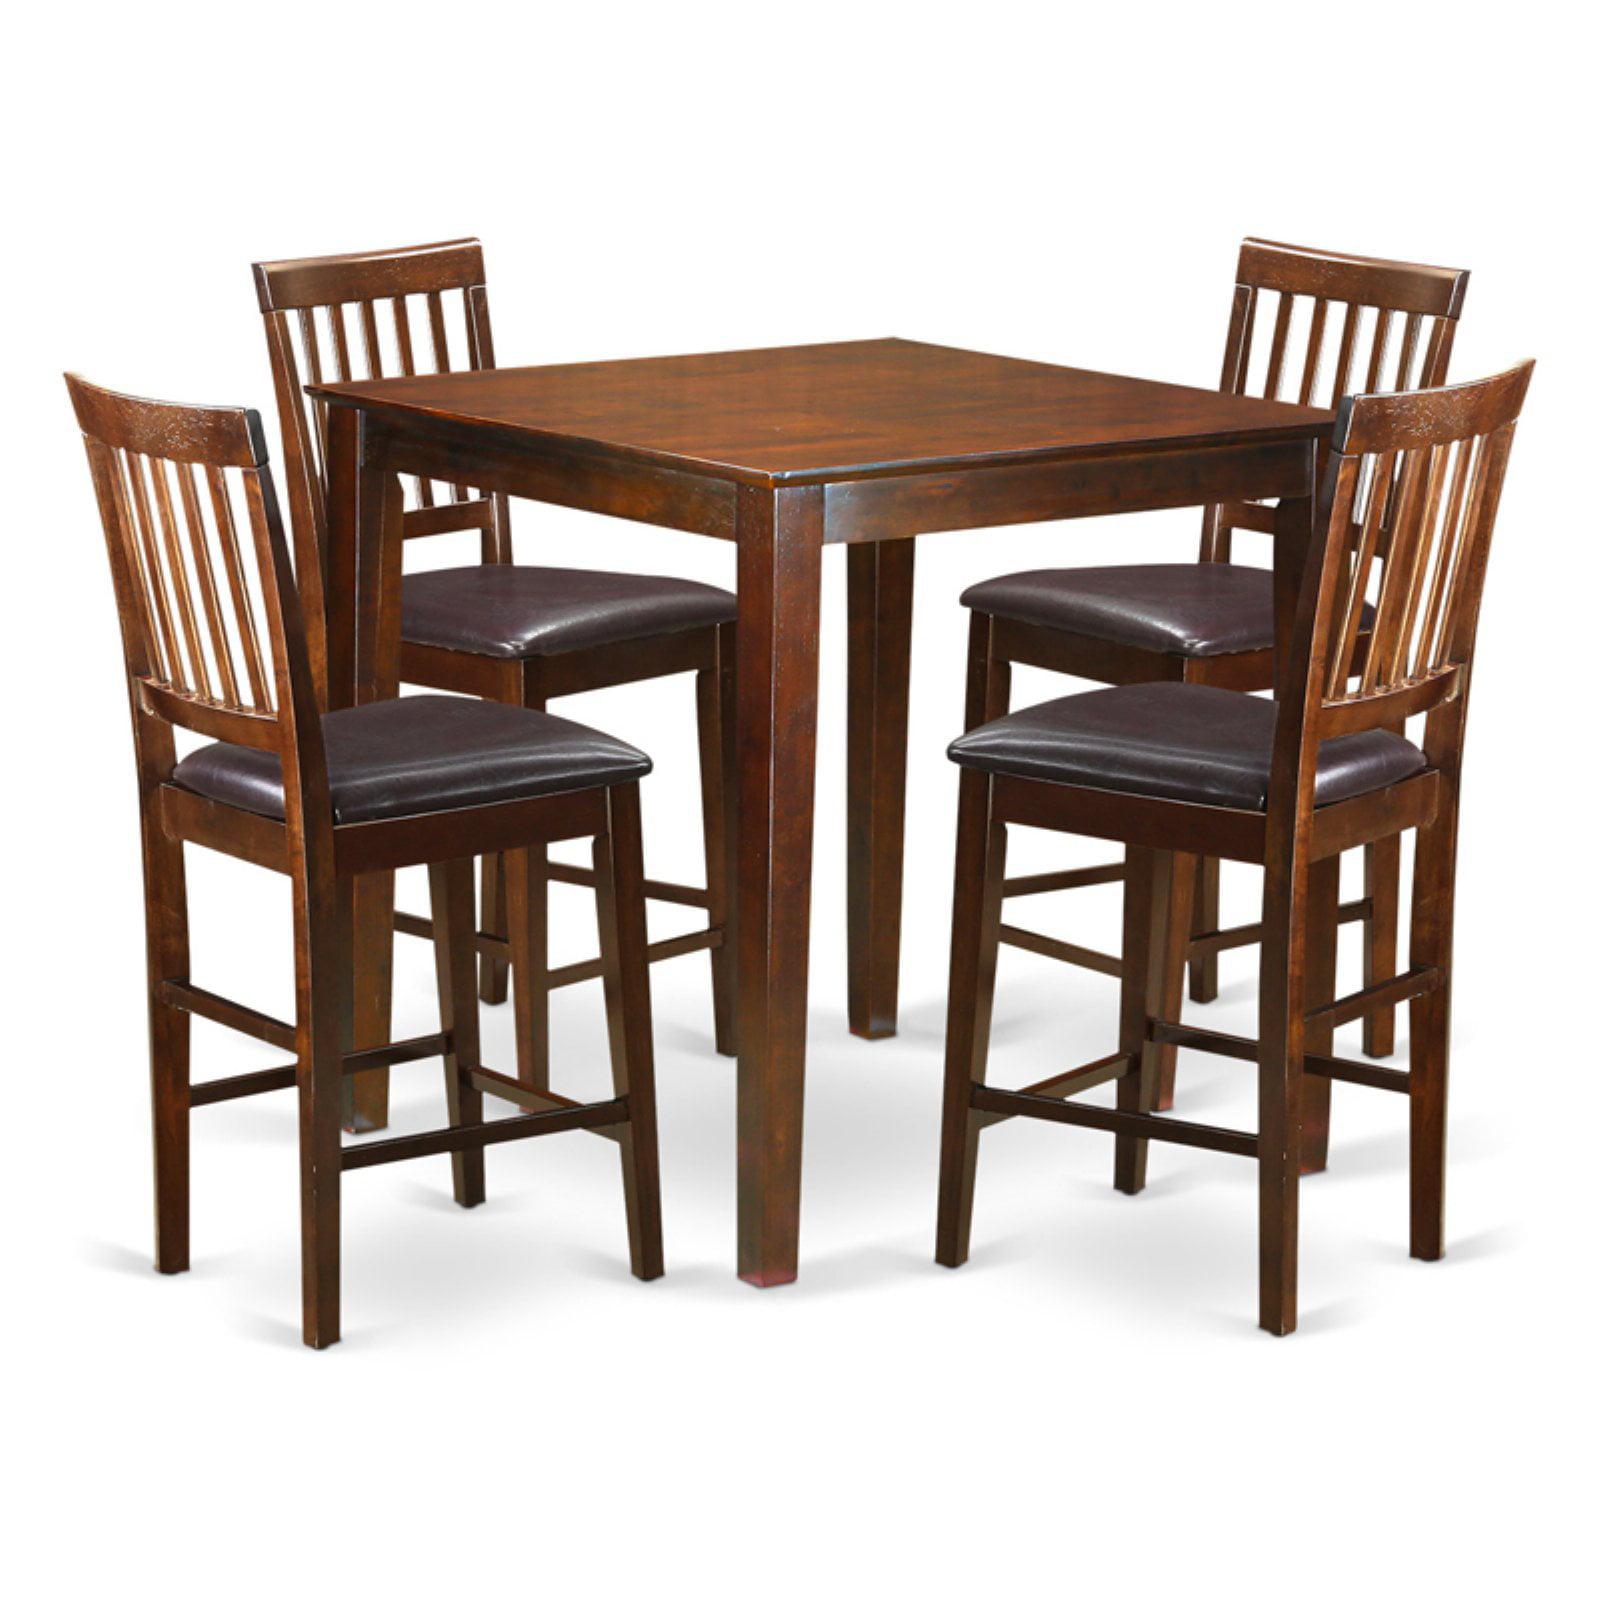 East West Furniture Vernon 5 Piece Slat Back Dining Table Set